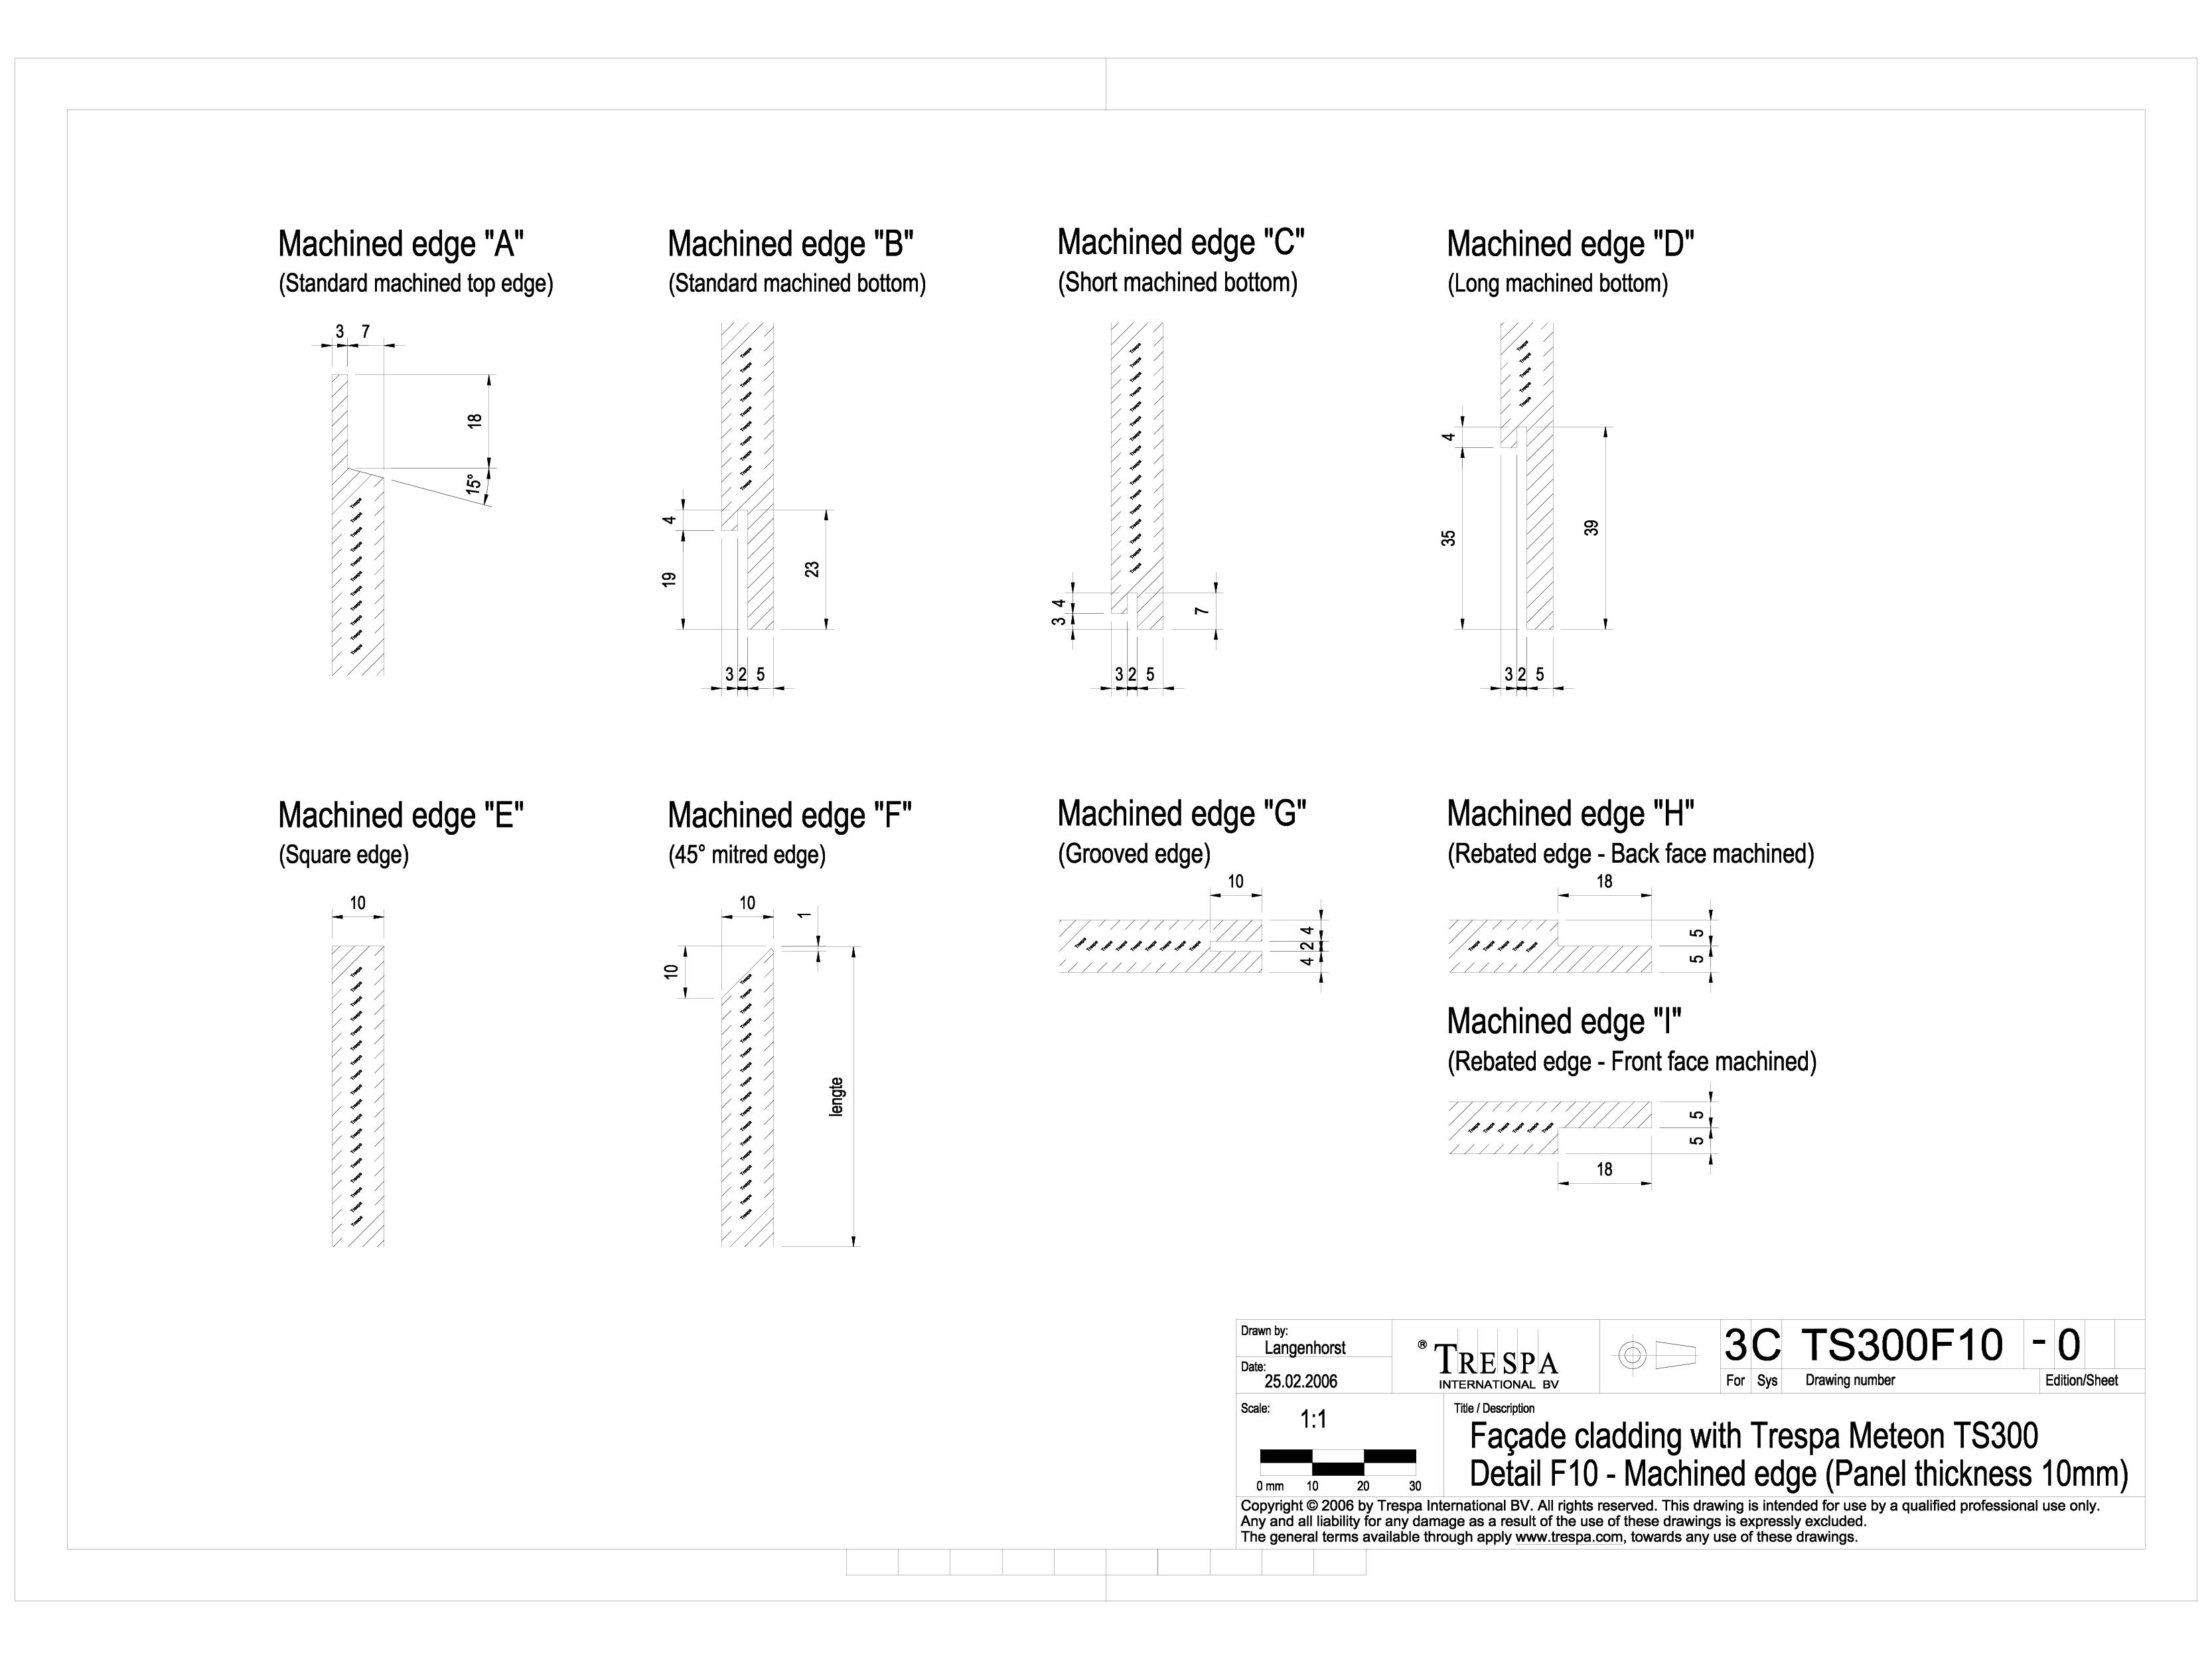 Sisteme de prindere fatade ventilate cu profile oarbe de 10mm METEON TRESPA Placi HPL pentru fatade ventilate GIBB TECHNOLOGIES  - Pagina 1